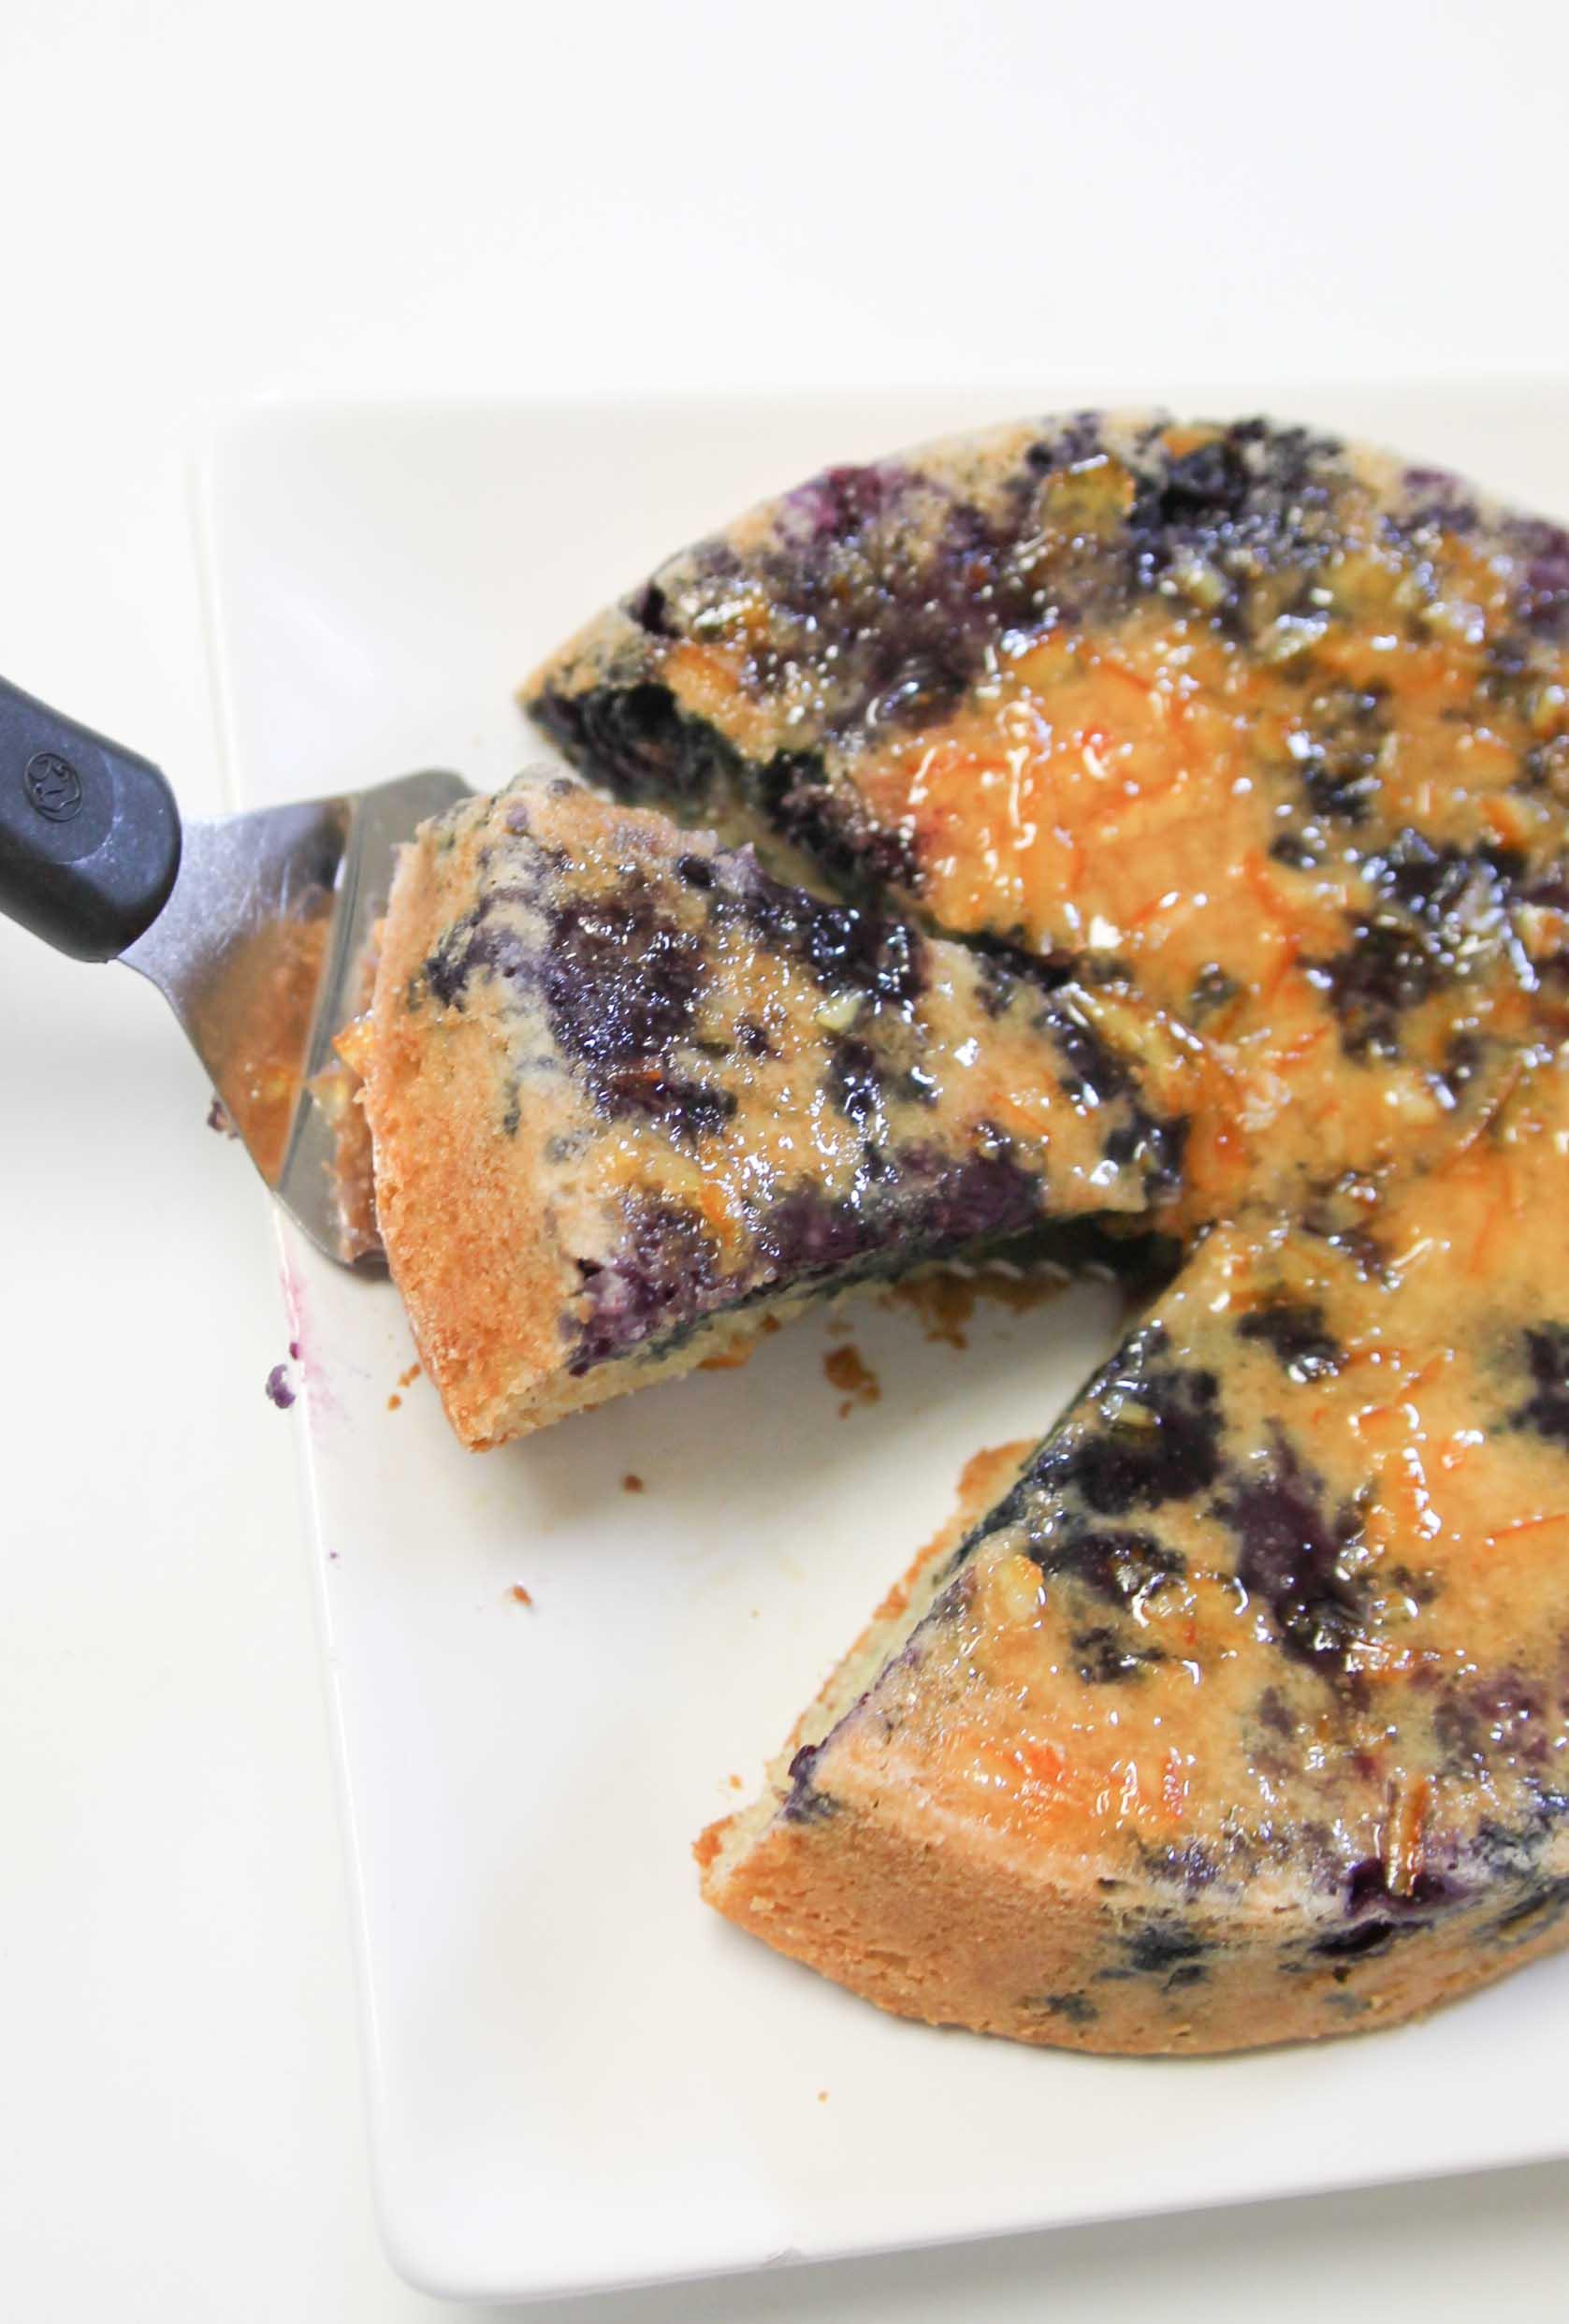 Greek Yogurt Blueberry Cake with Orange Marmalade Glaze